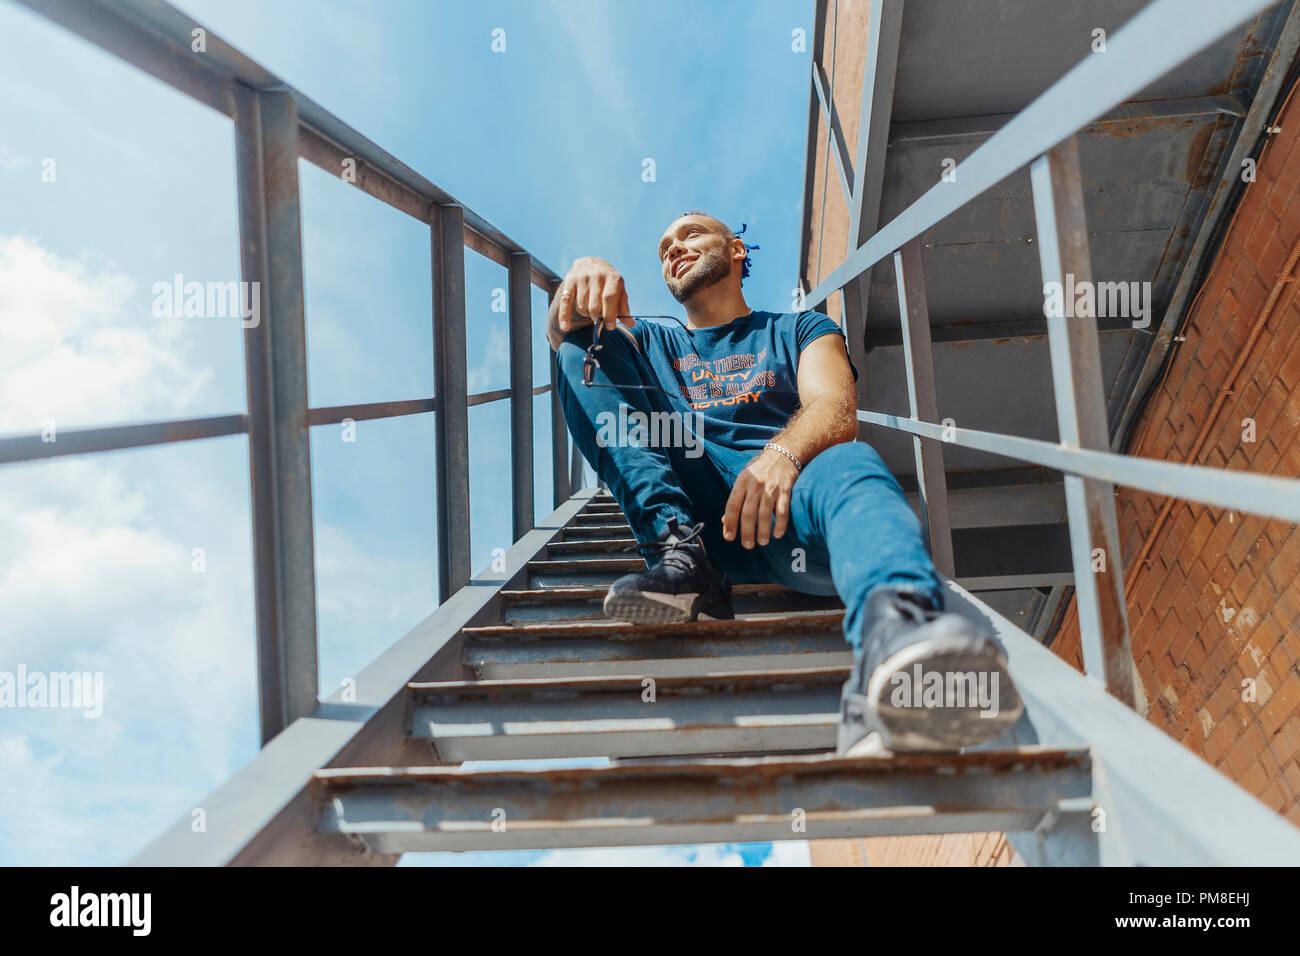 Jungen attraktiven Mann mit blauen Dreadlocks sitzen auf der Treppe. Stockbild